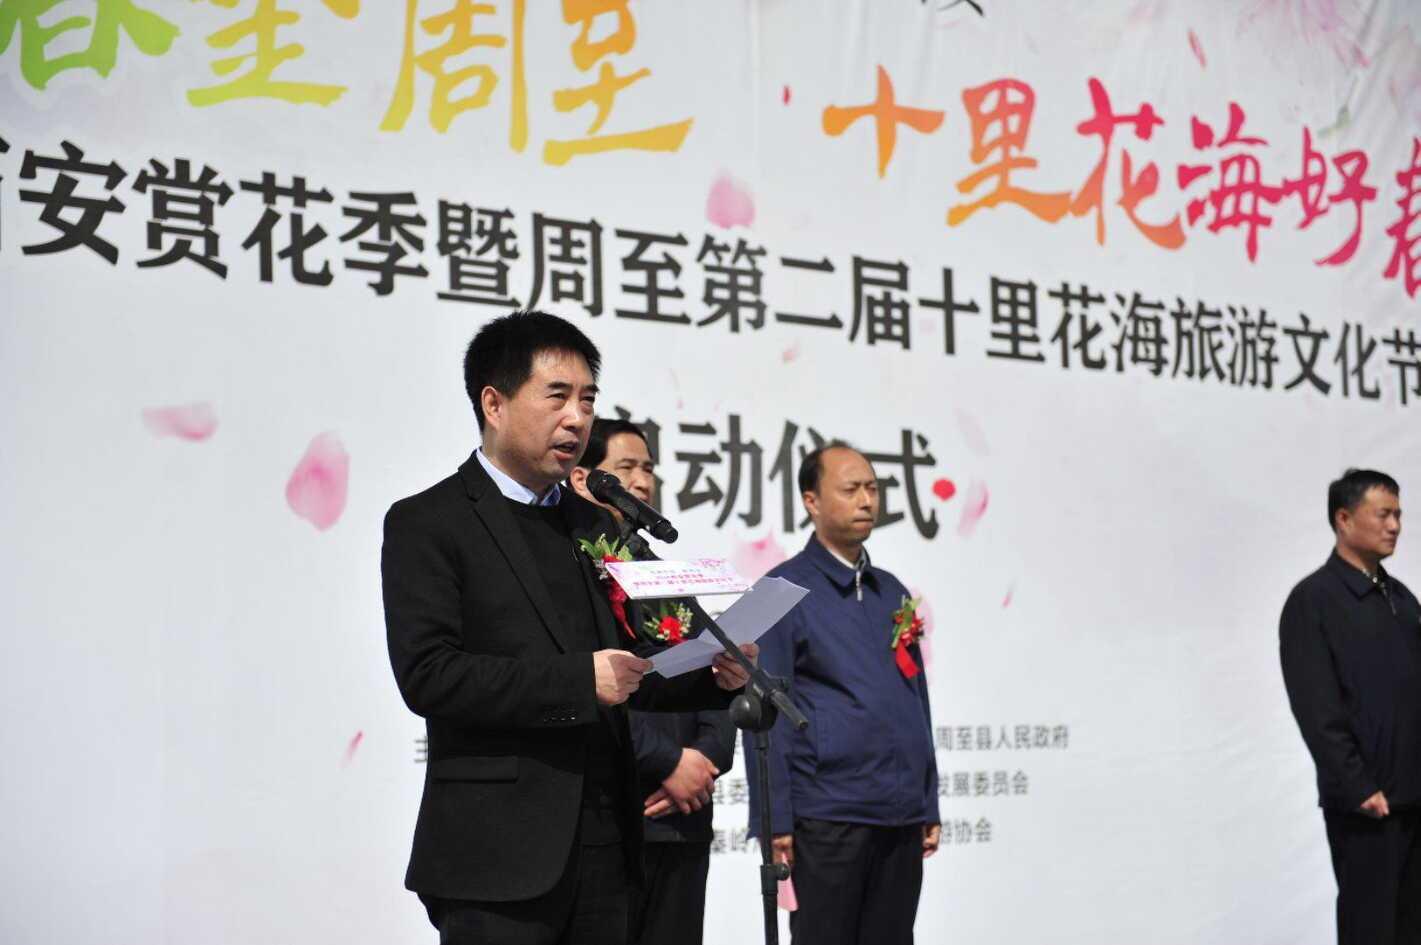 2018西安赏花季暨周至第二届十里花海旅游文化节盛大开幕